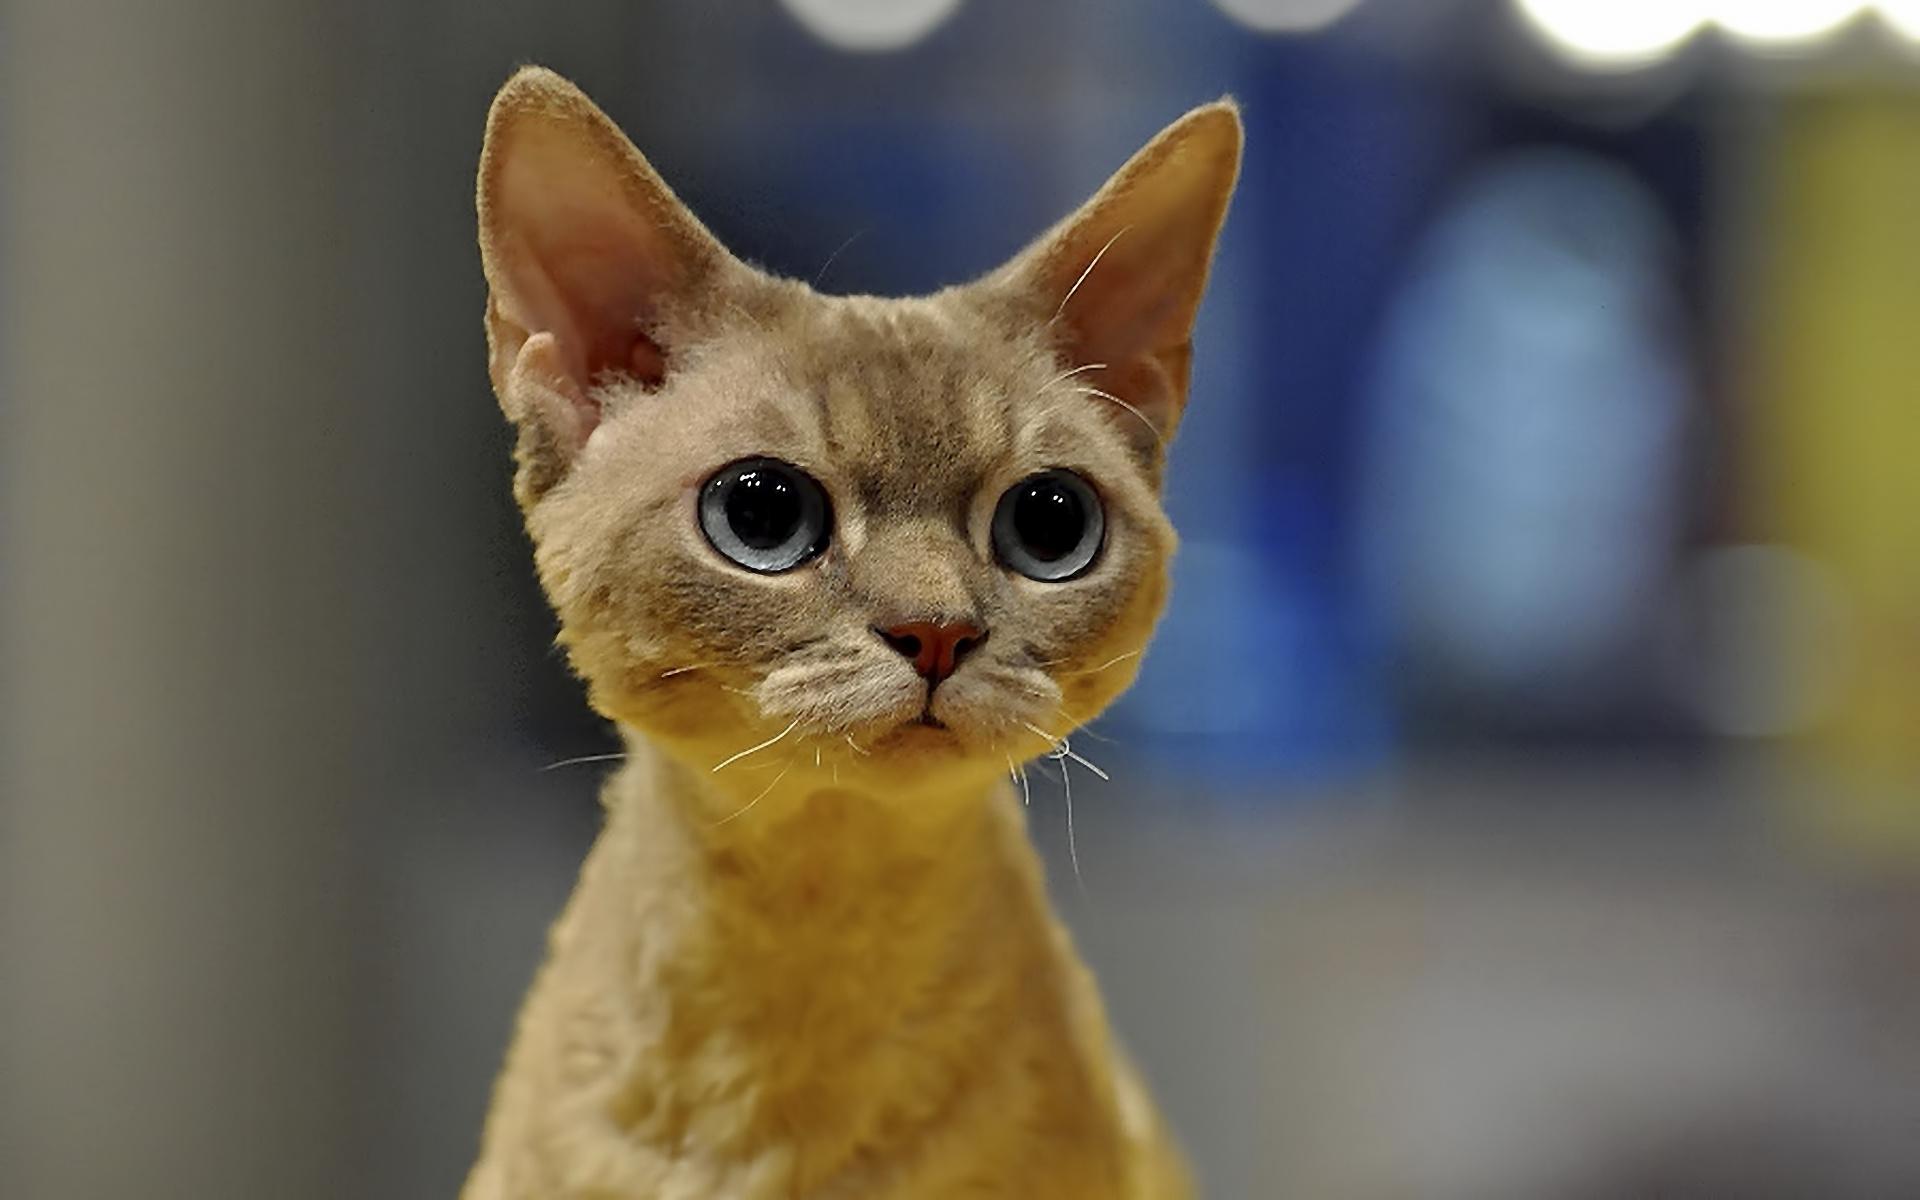 Cute big cat eyes